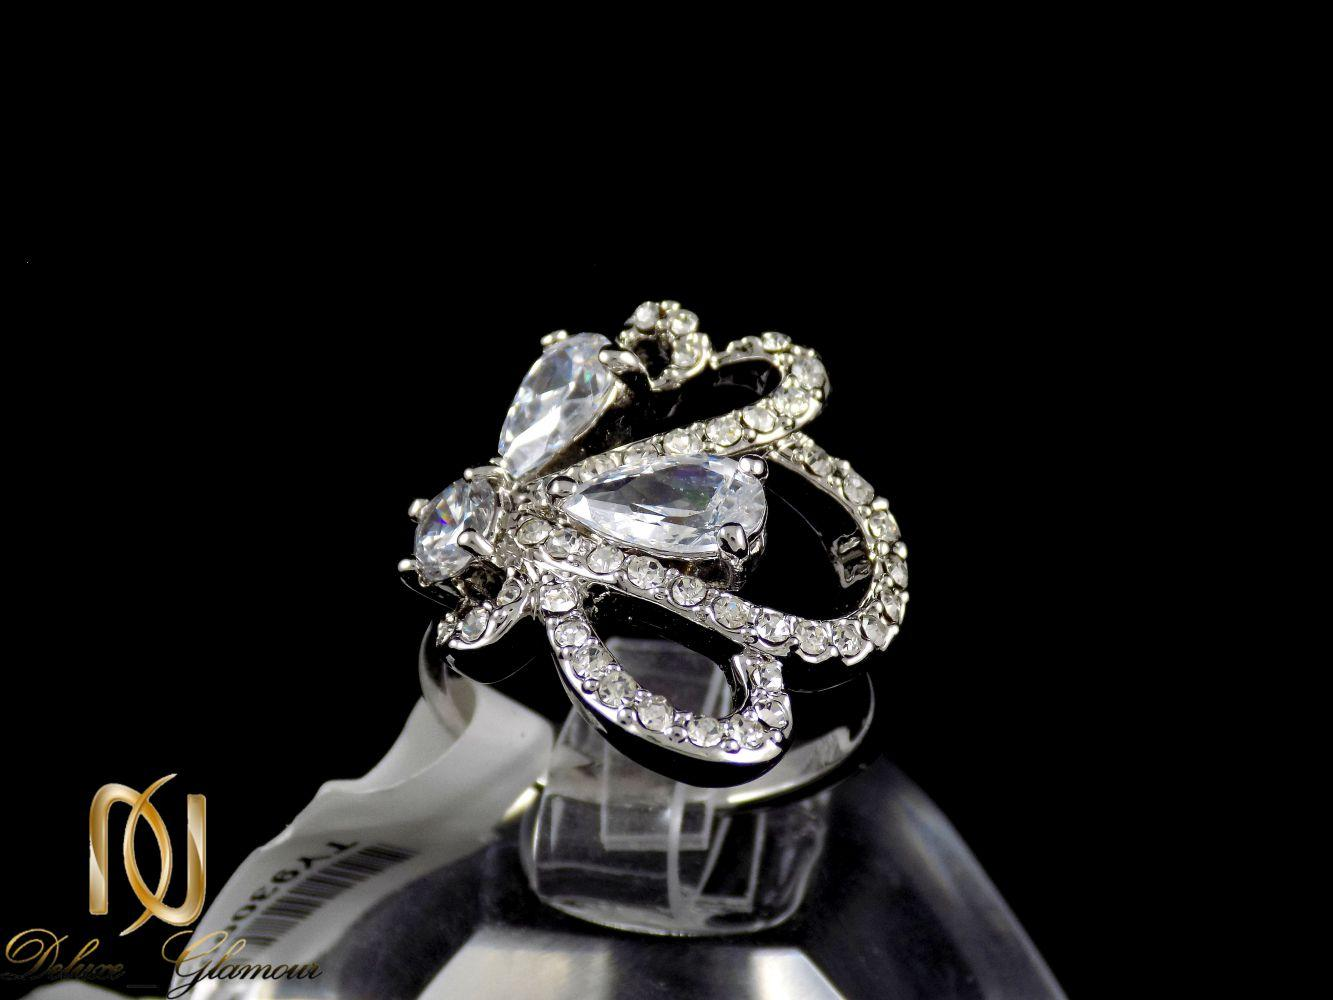 انگشتر زنانه استیل طرخ جواهر TOKE با نگین های زیرکونیا RG-N176 از نمای مشکی